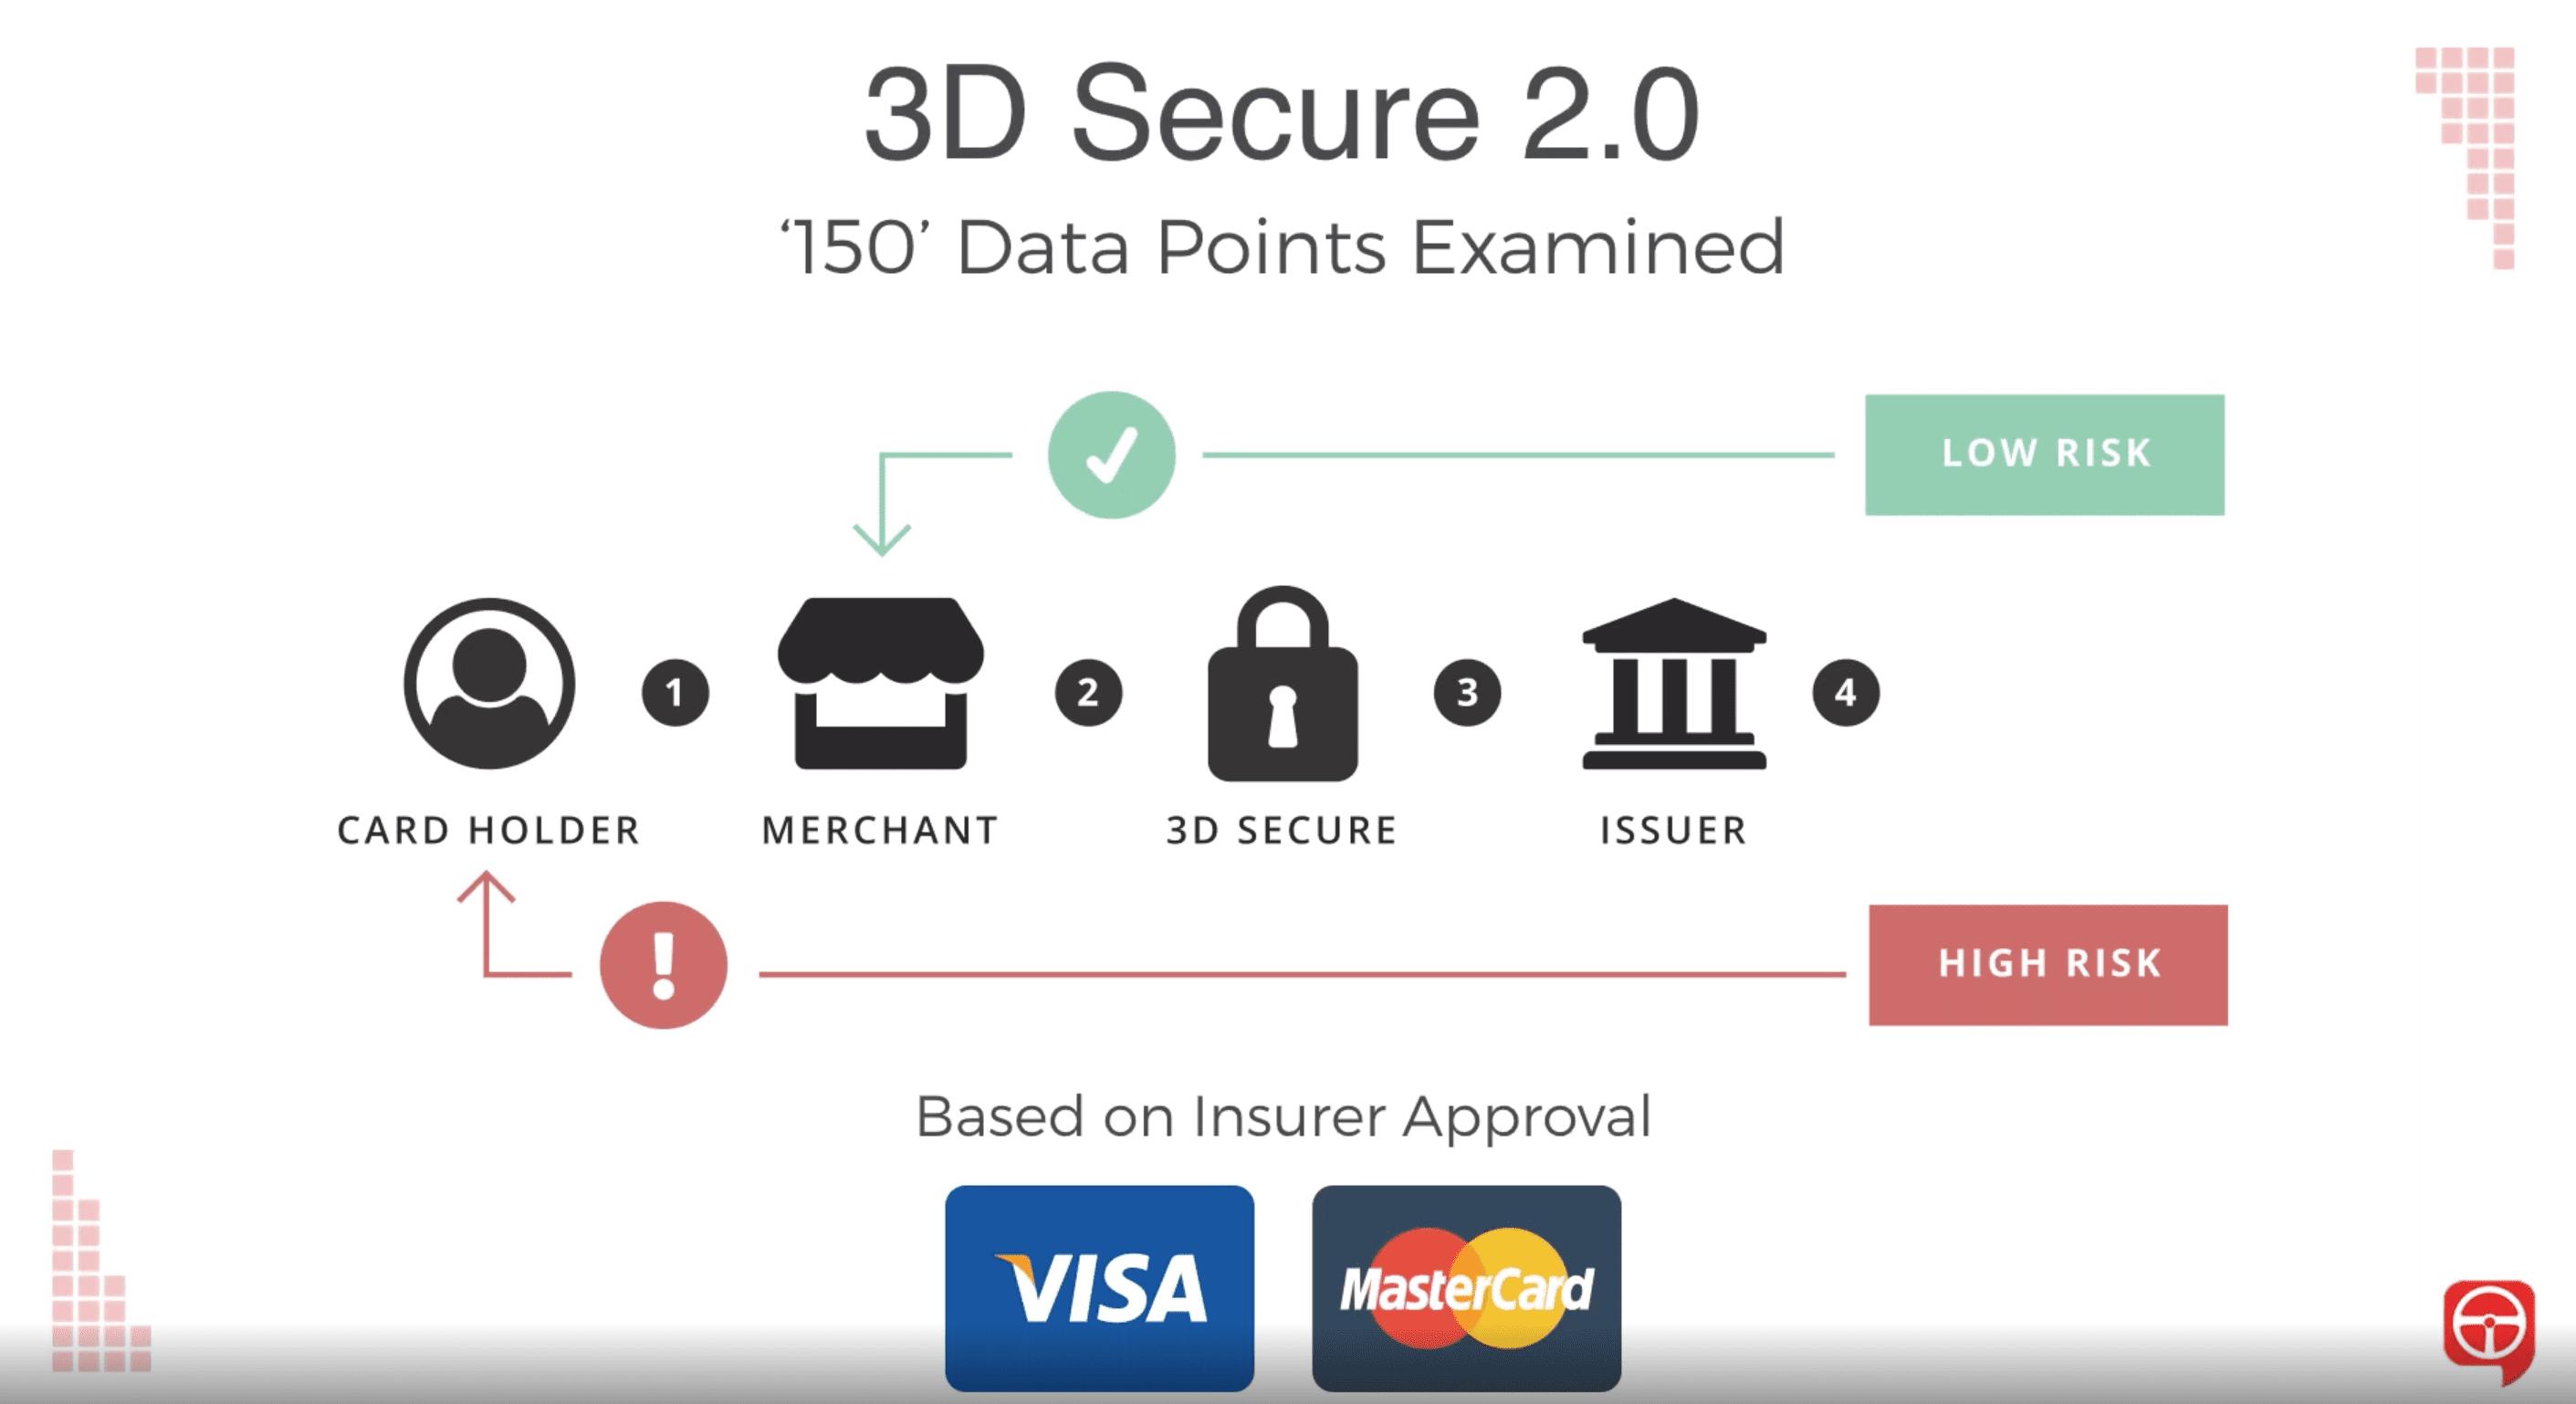 3D Secure 2.0 examina 150 puntos de datos para proteger a los distribuidores contra el fraude